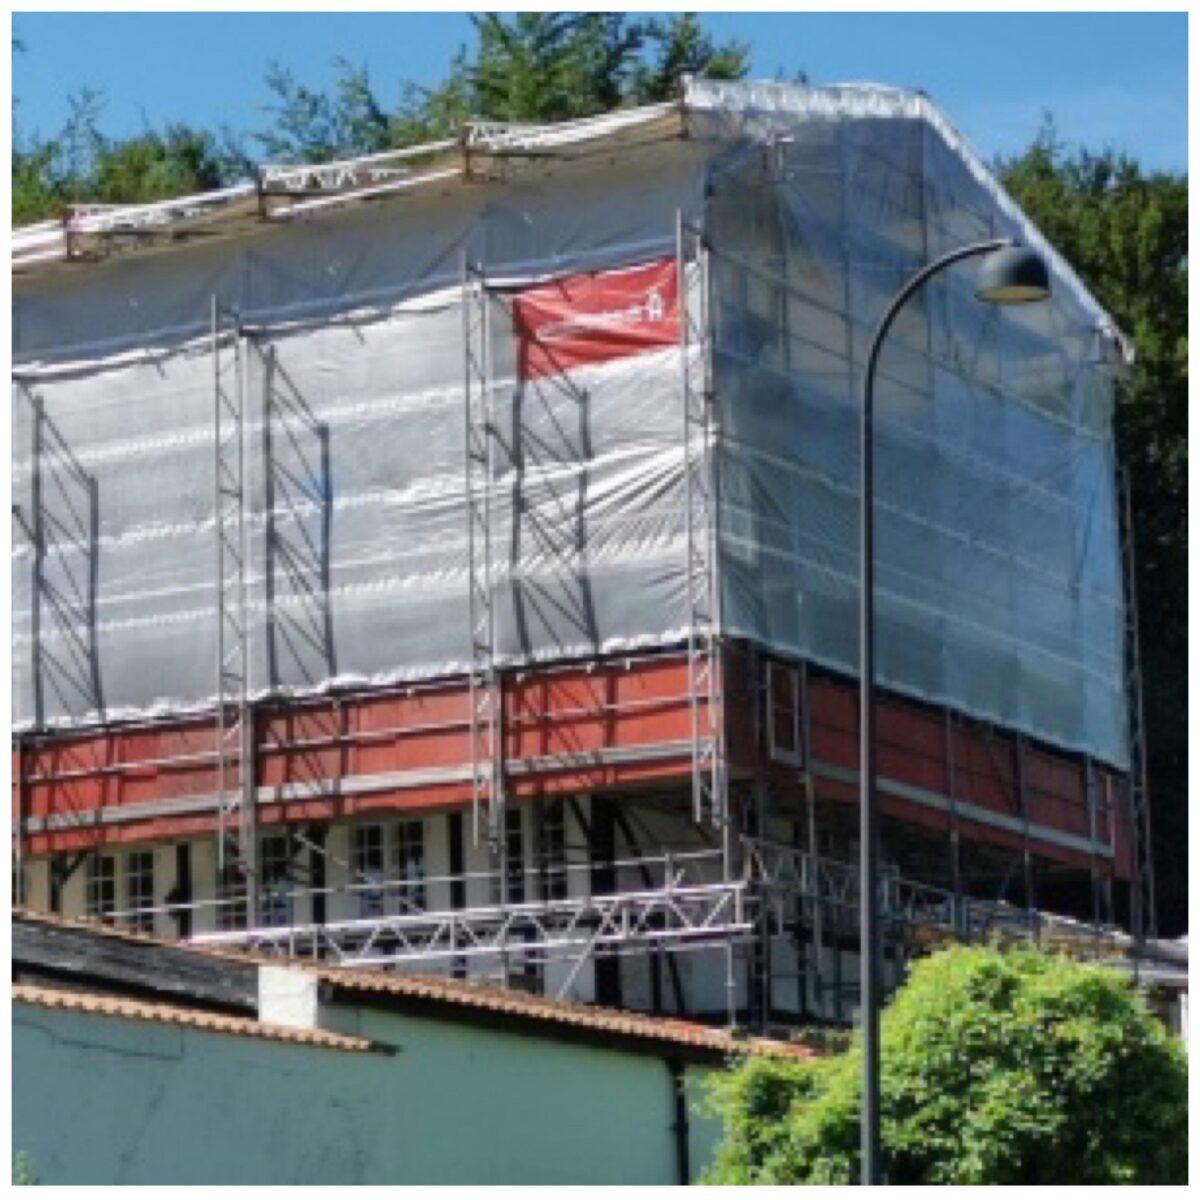 Totalinddækket facadestillads på Skodsborg Strandvej